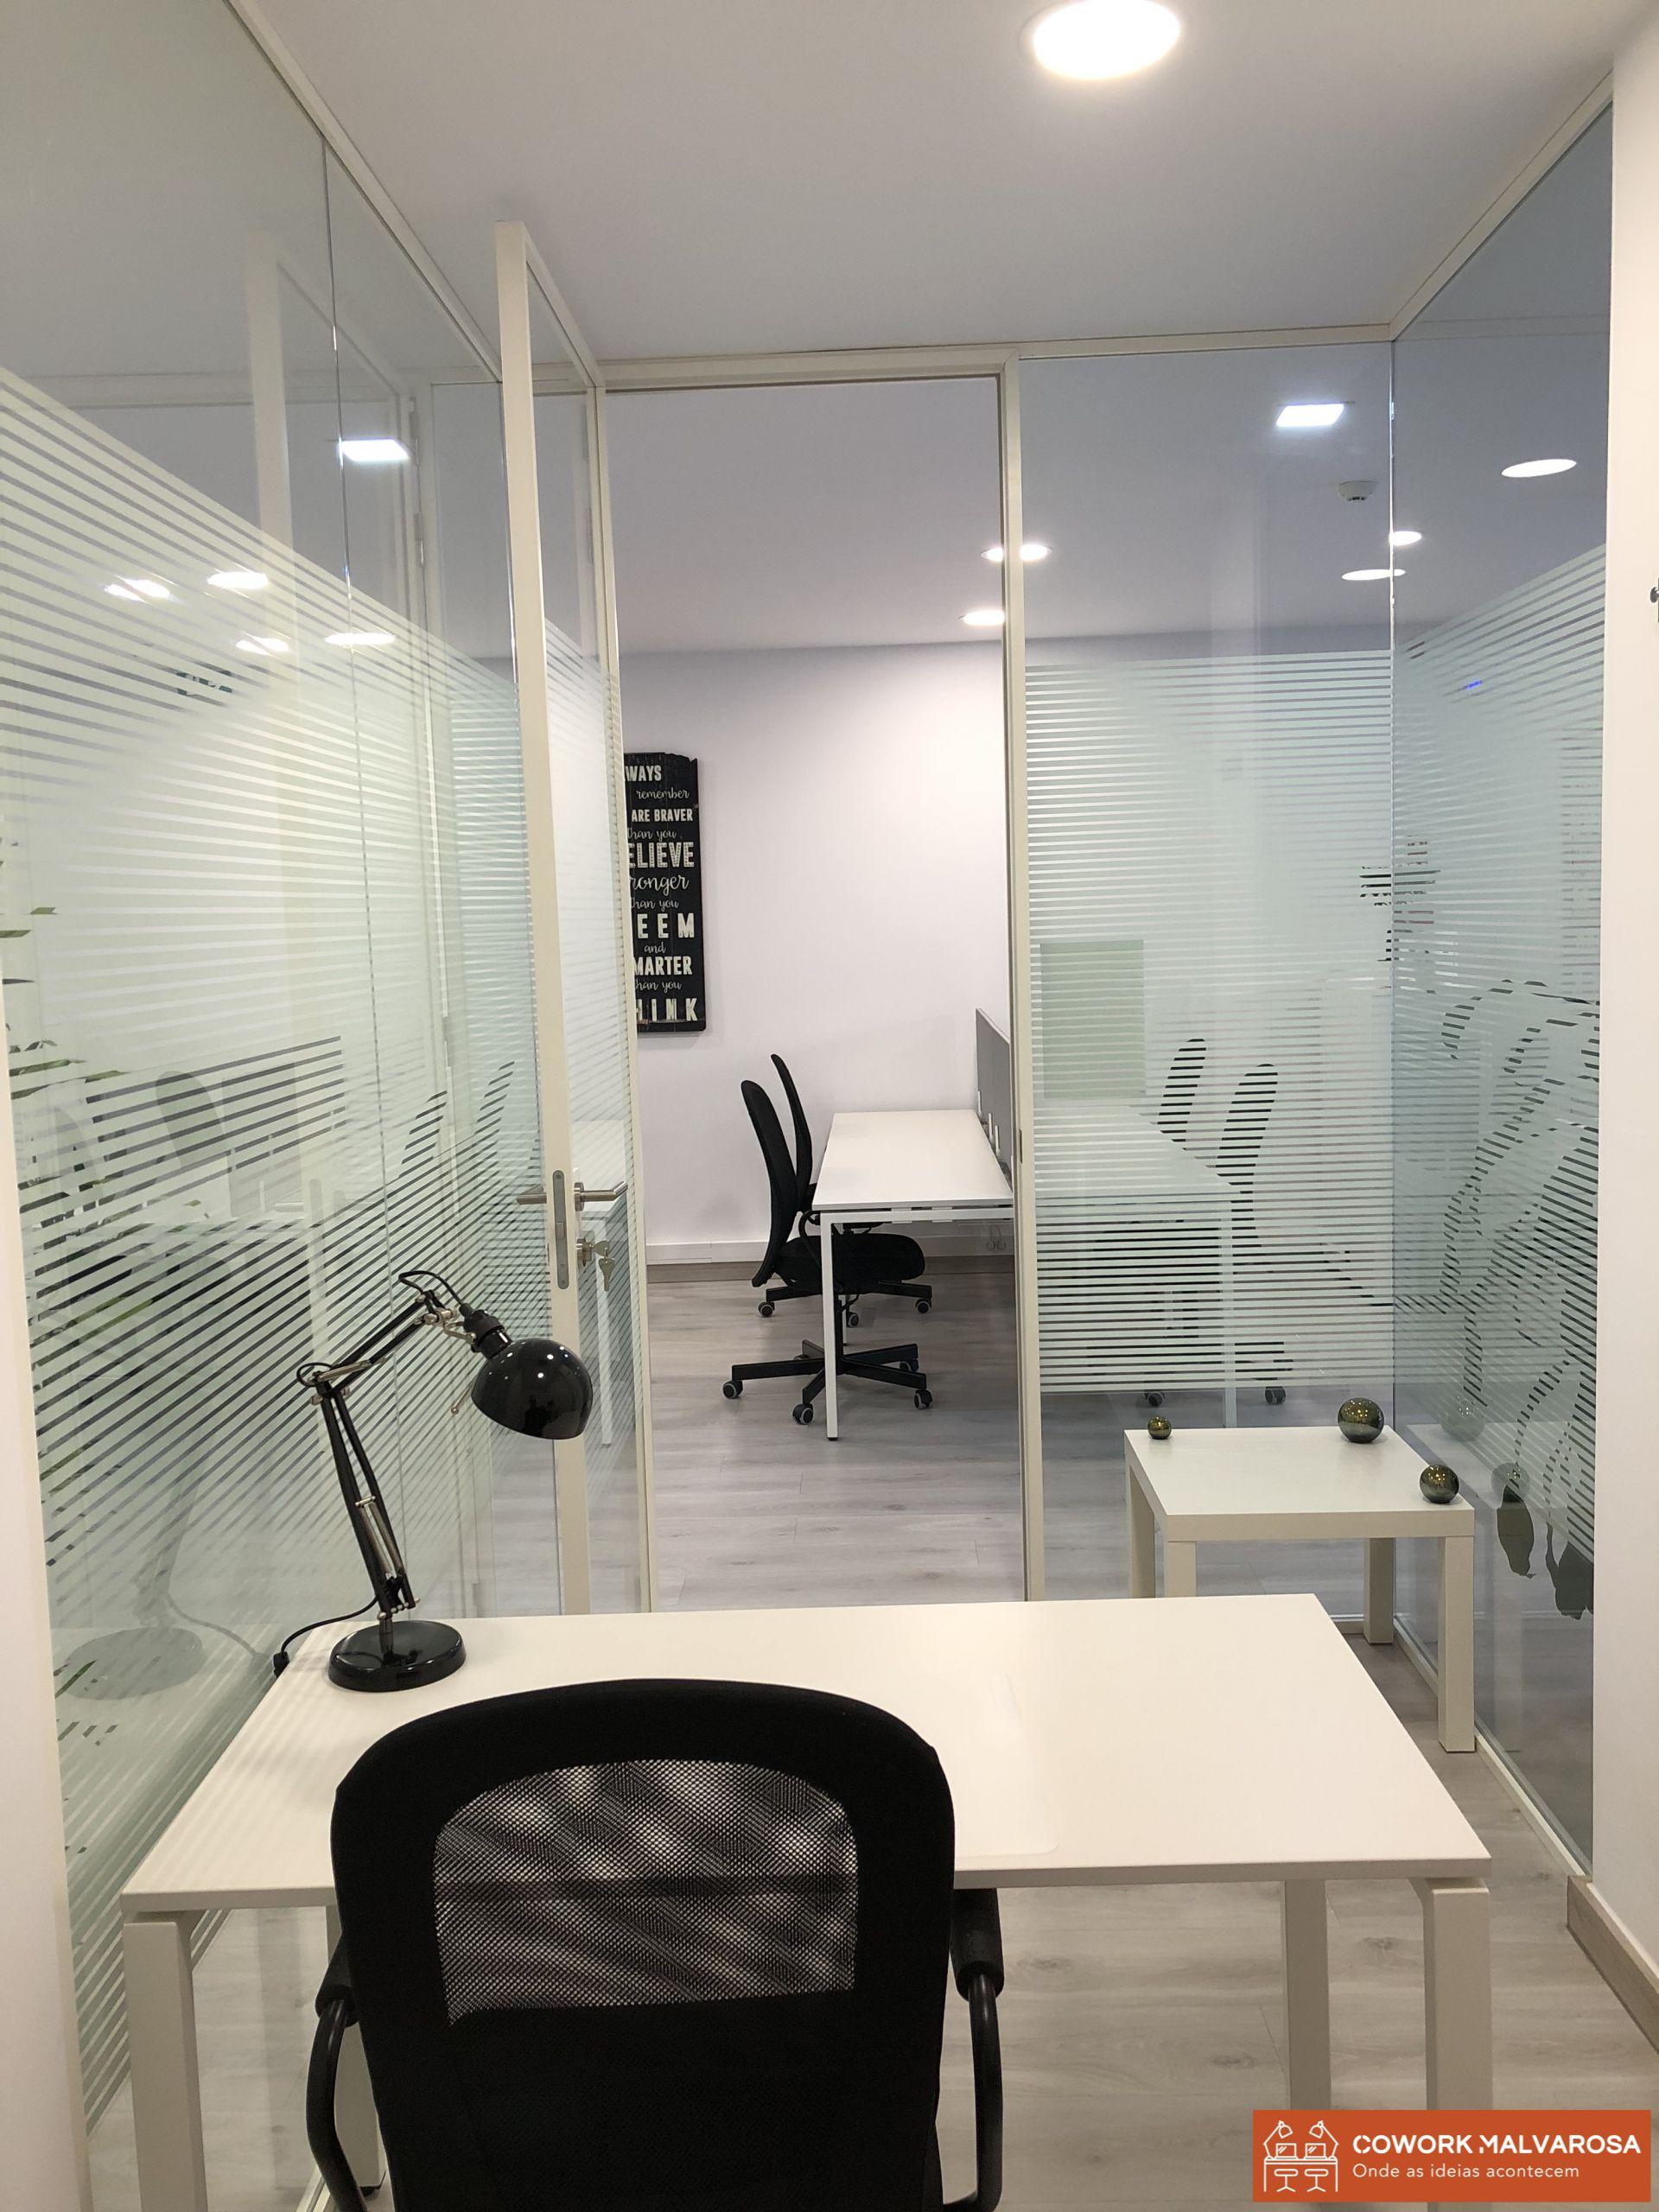 Cowork Malvarosa, Alverca do Ribatejo